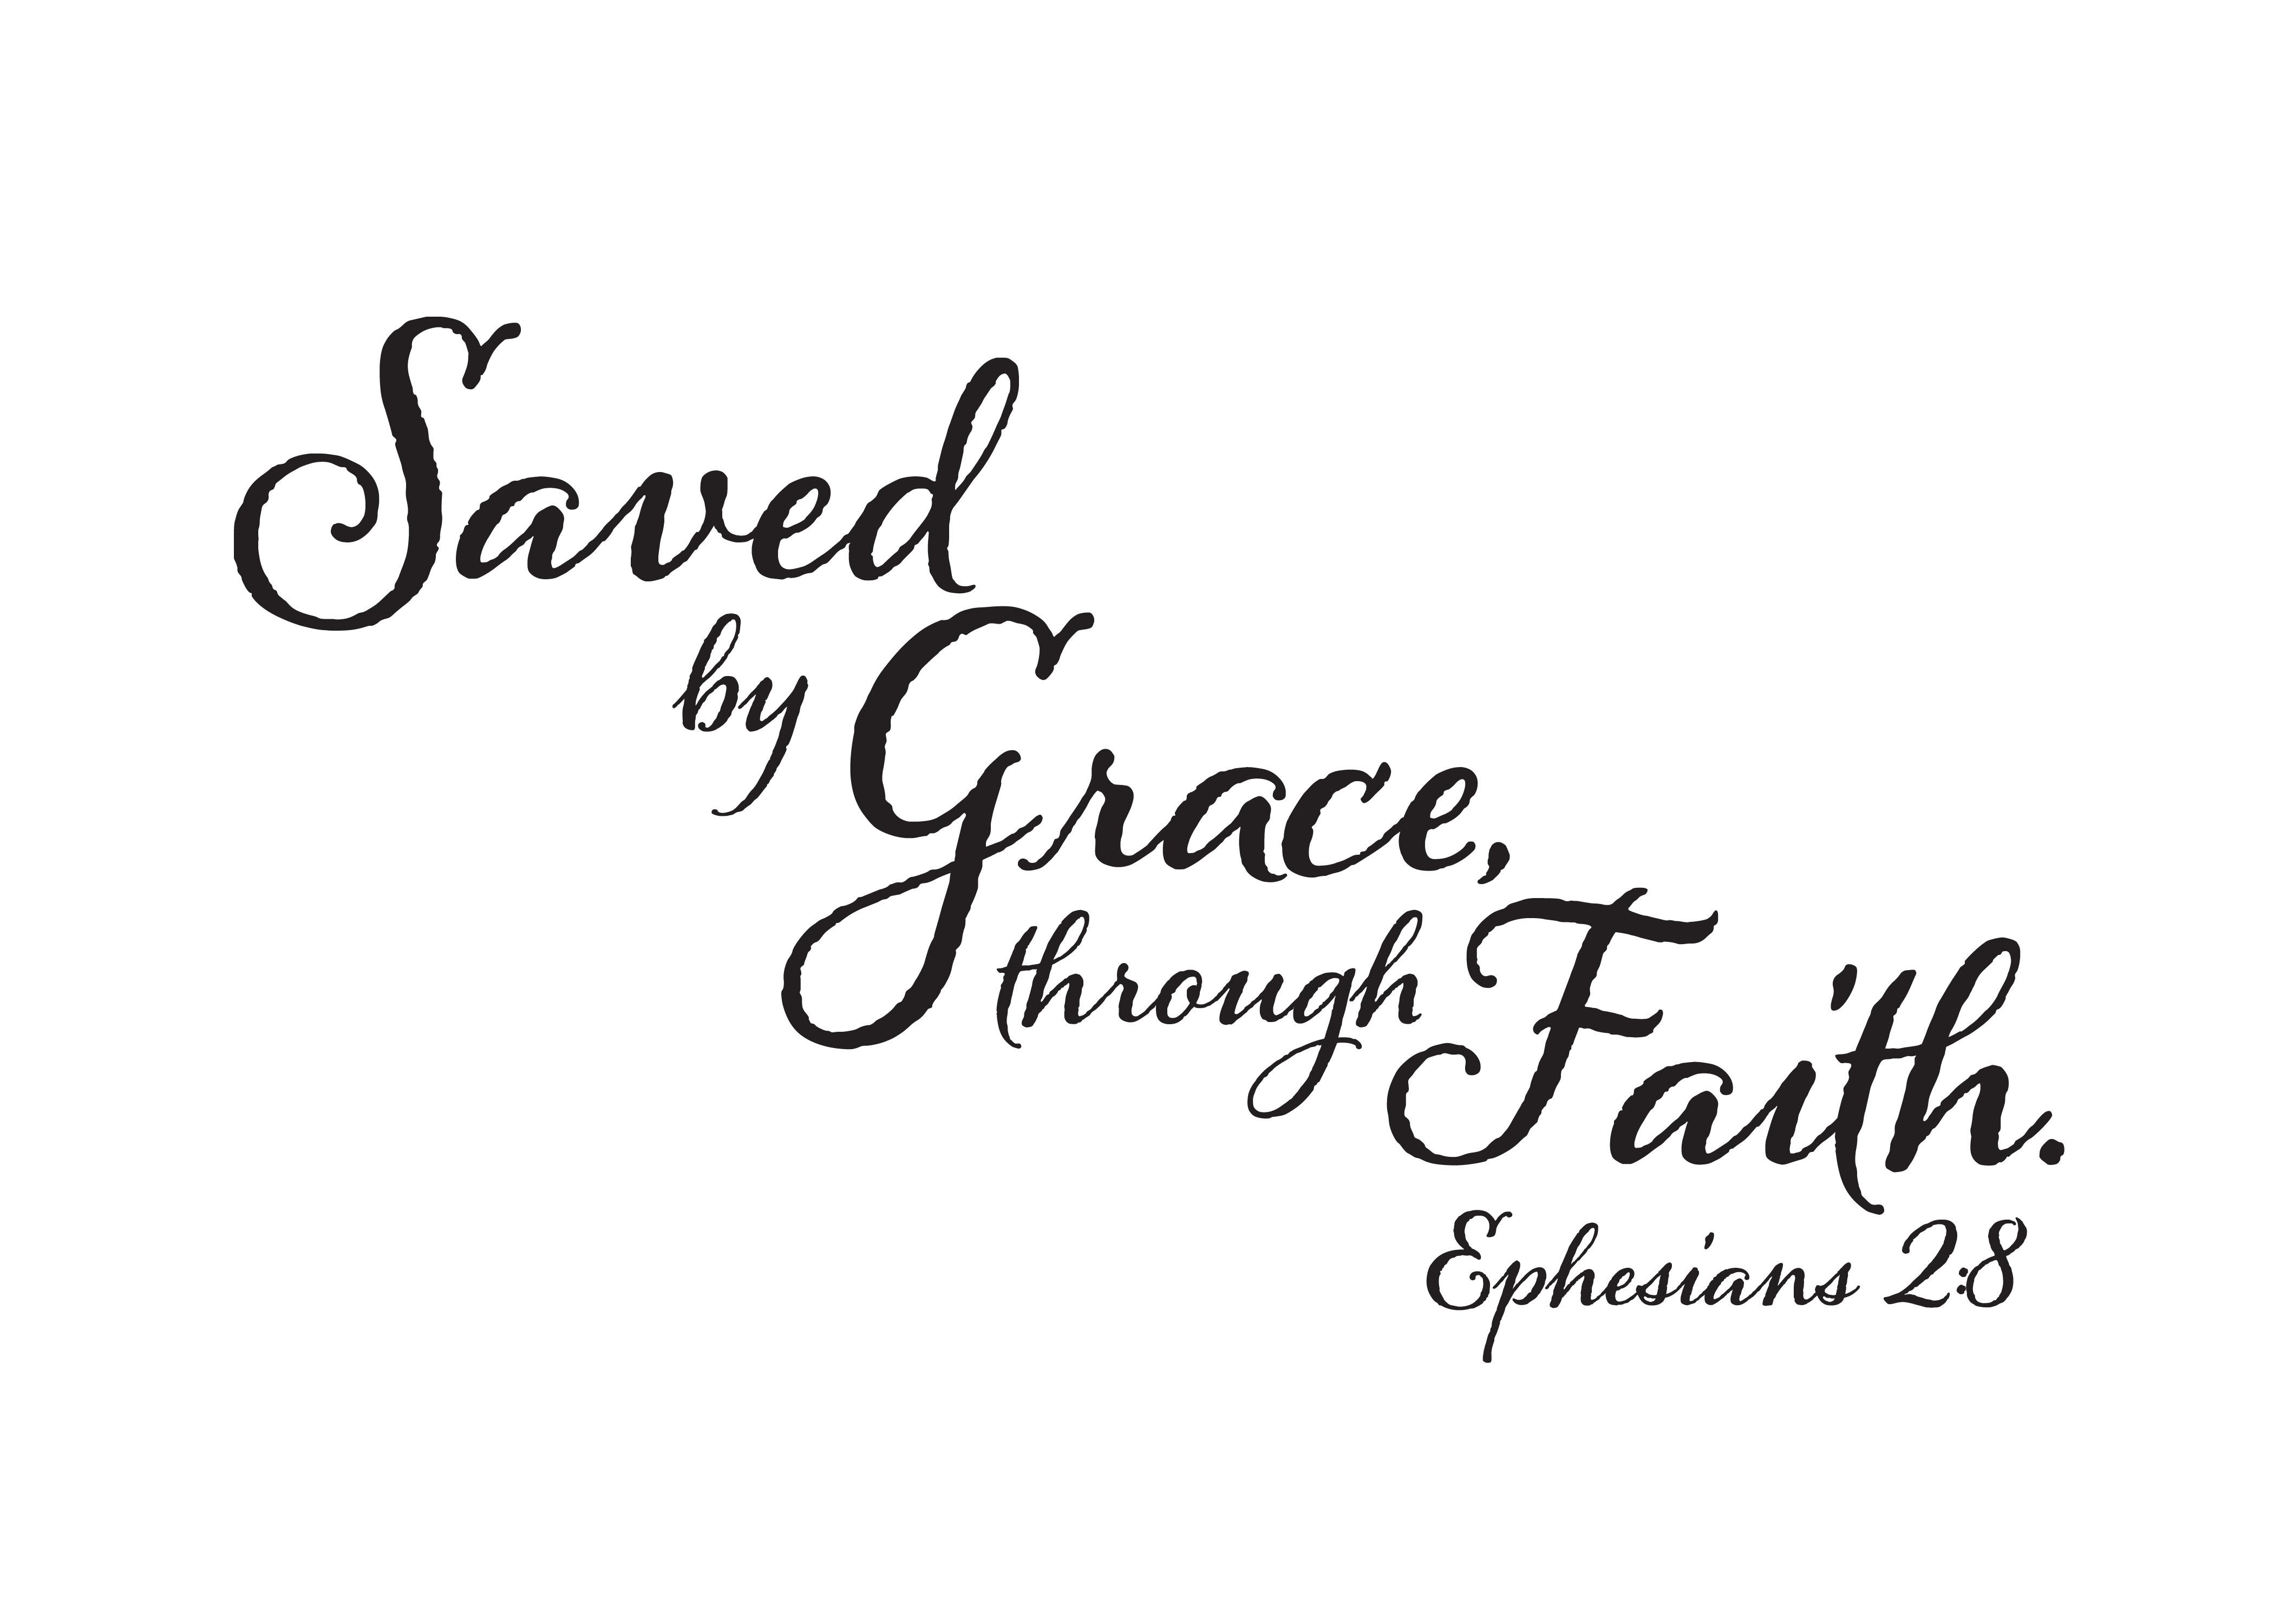 Ephesians 2 8 Vinyl Wall Decal 1 Saved By Grace Through Faith